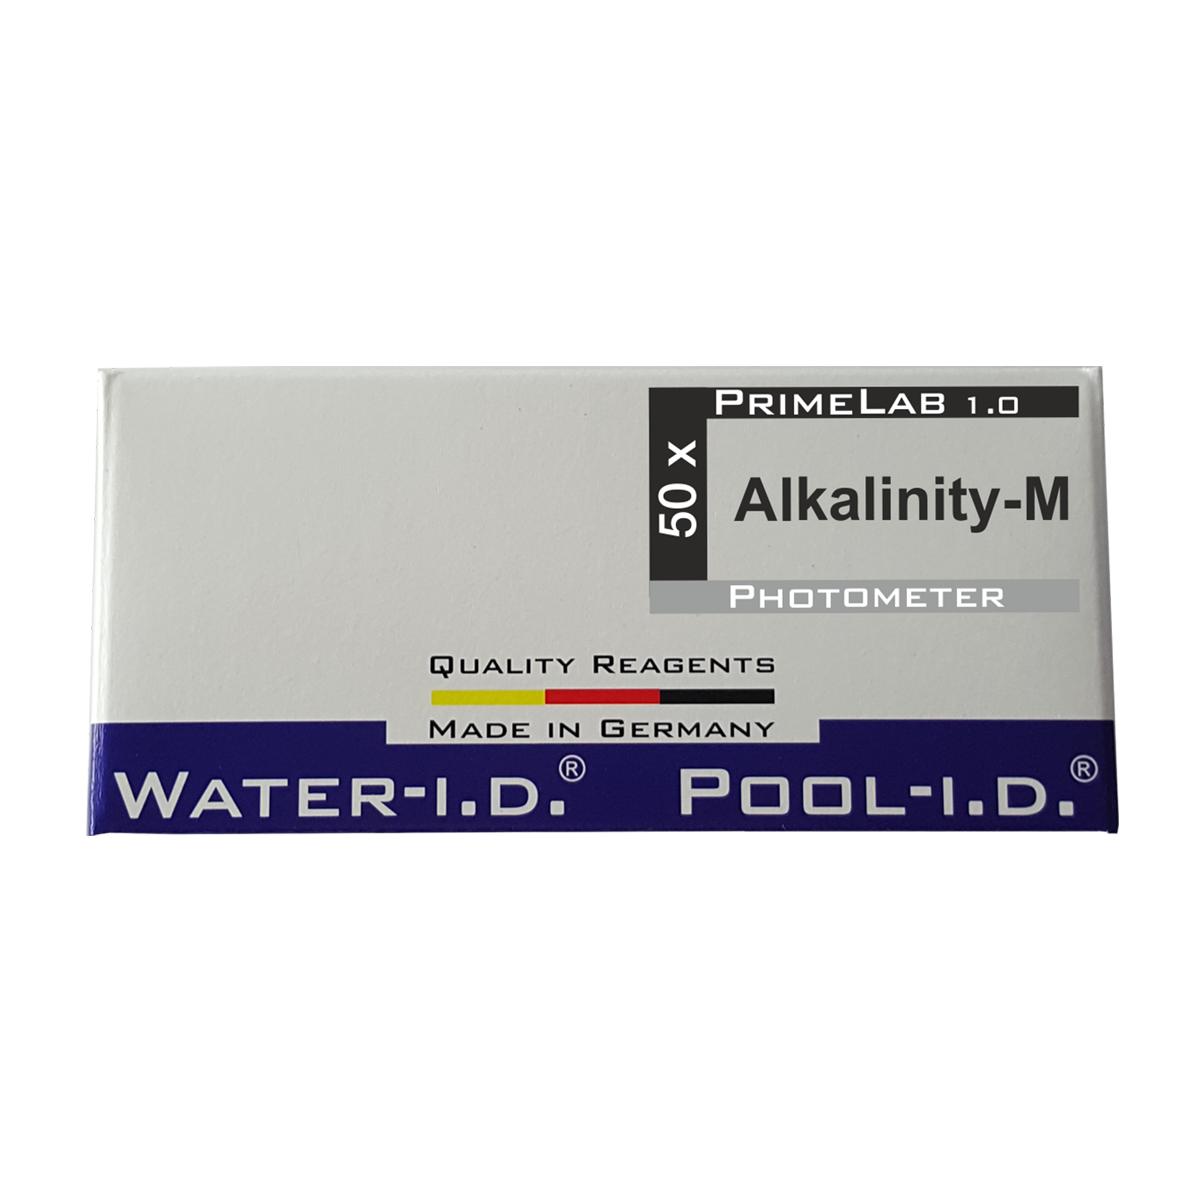 Alkalinität-M Tabletten für Smart Pool Lab 1.0 Photometer, 1 VE = 50 Stk. Alkalinität-M Tabletten für Smart Pool Lab 1.0 Photometer, 1 VE = 50 Stk.